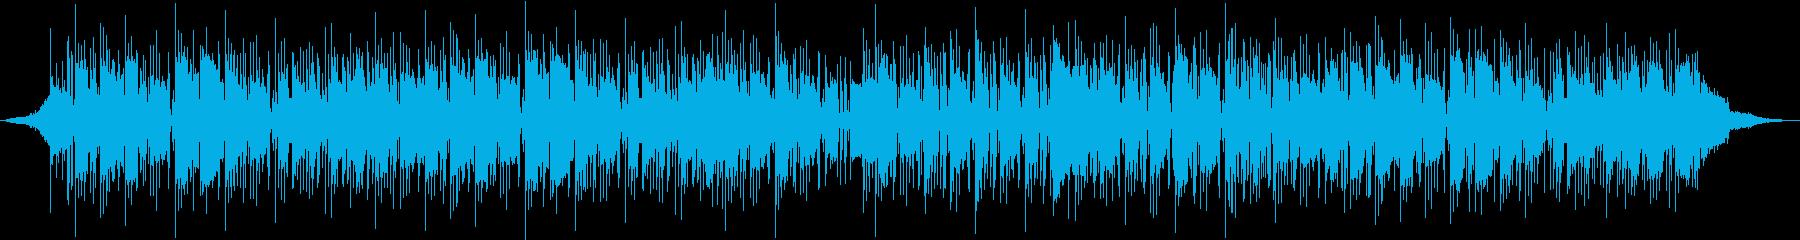 トロンボーンメロディのロックの再生済みの波形